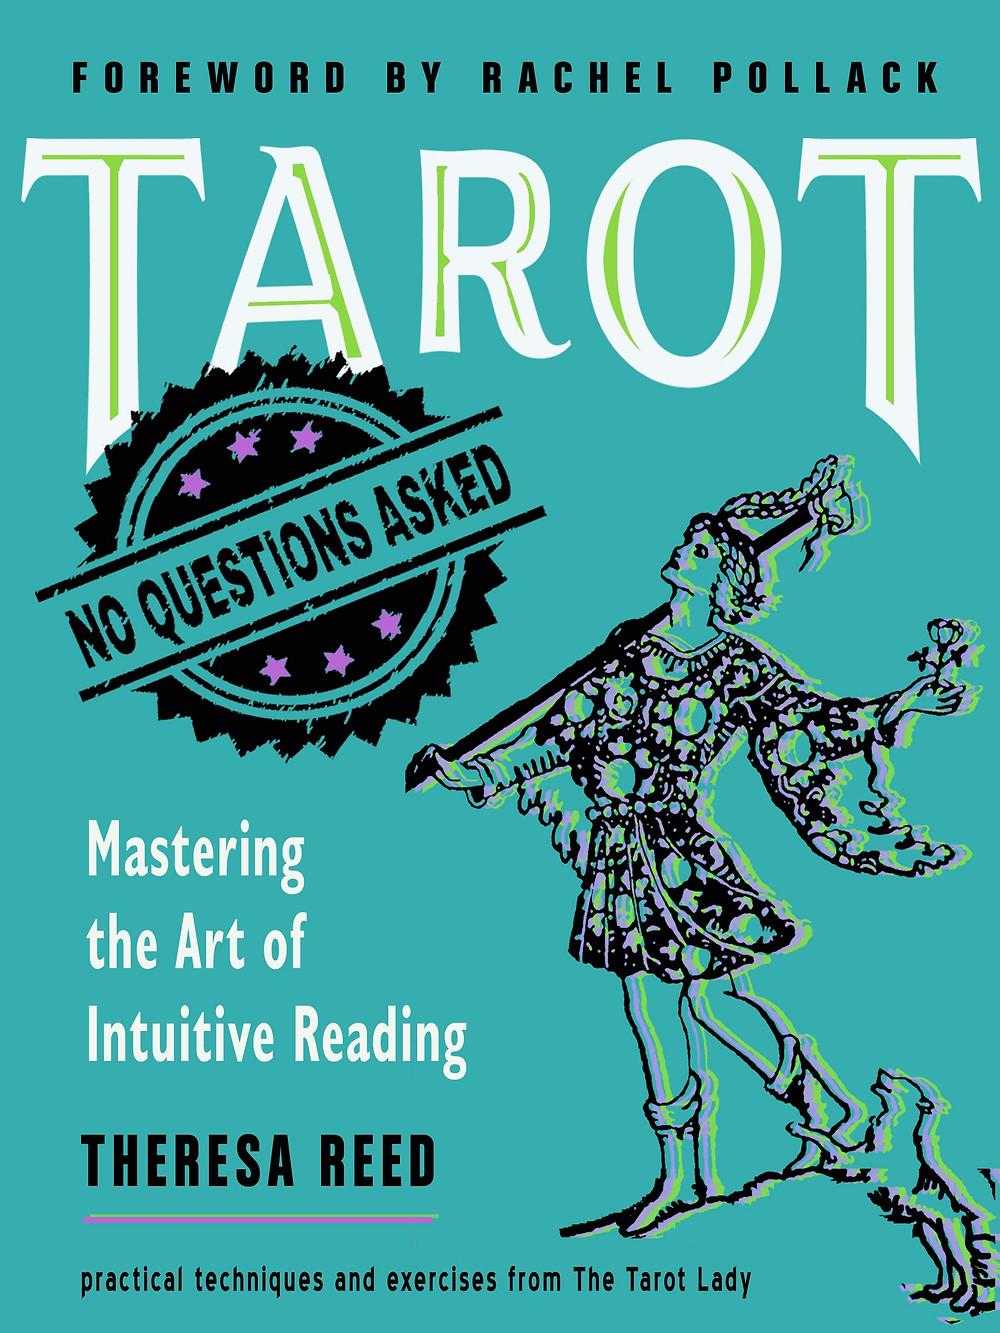 Theresa Reed Tarot book January TBR list